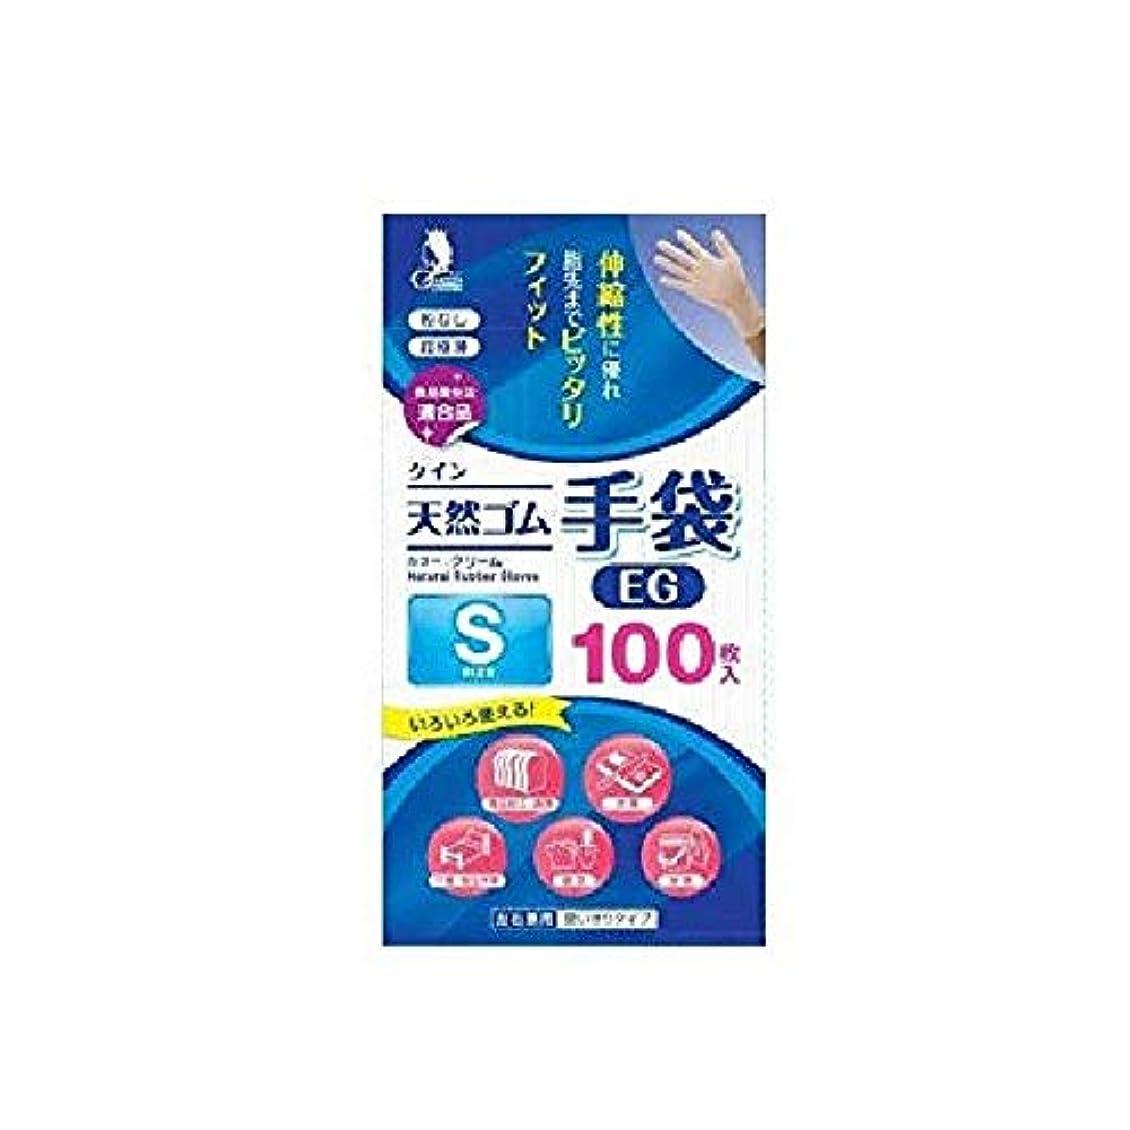 エクステント共同選択オーバーフロー宇都宮製作 クイン 天然ゴム手袋 EG 粉なし 100枚入 Sサイズ